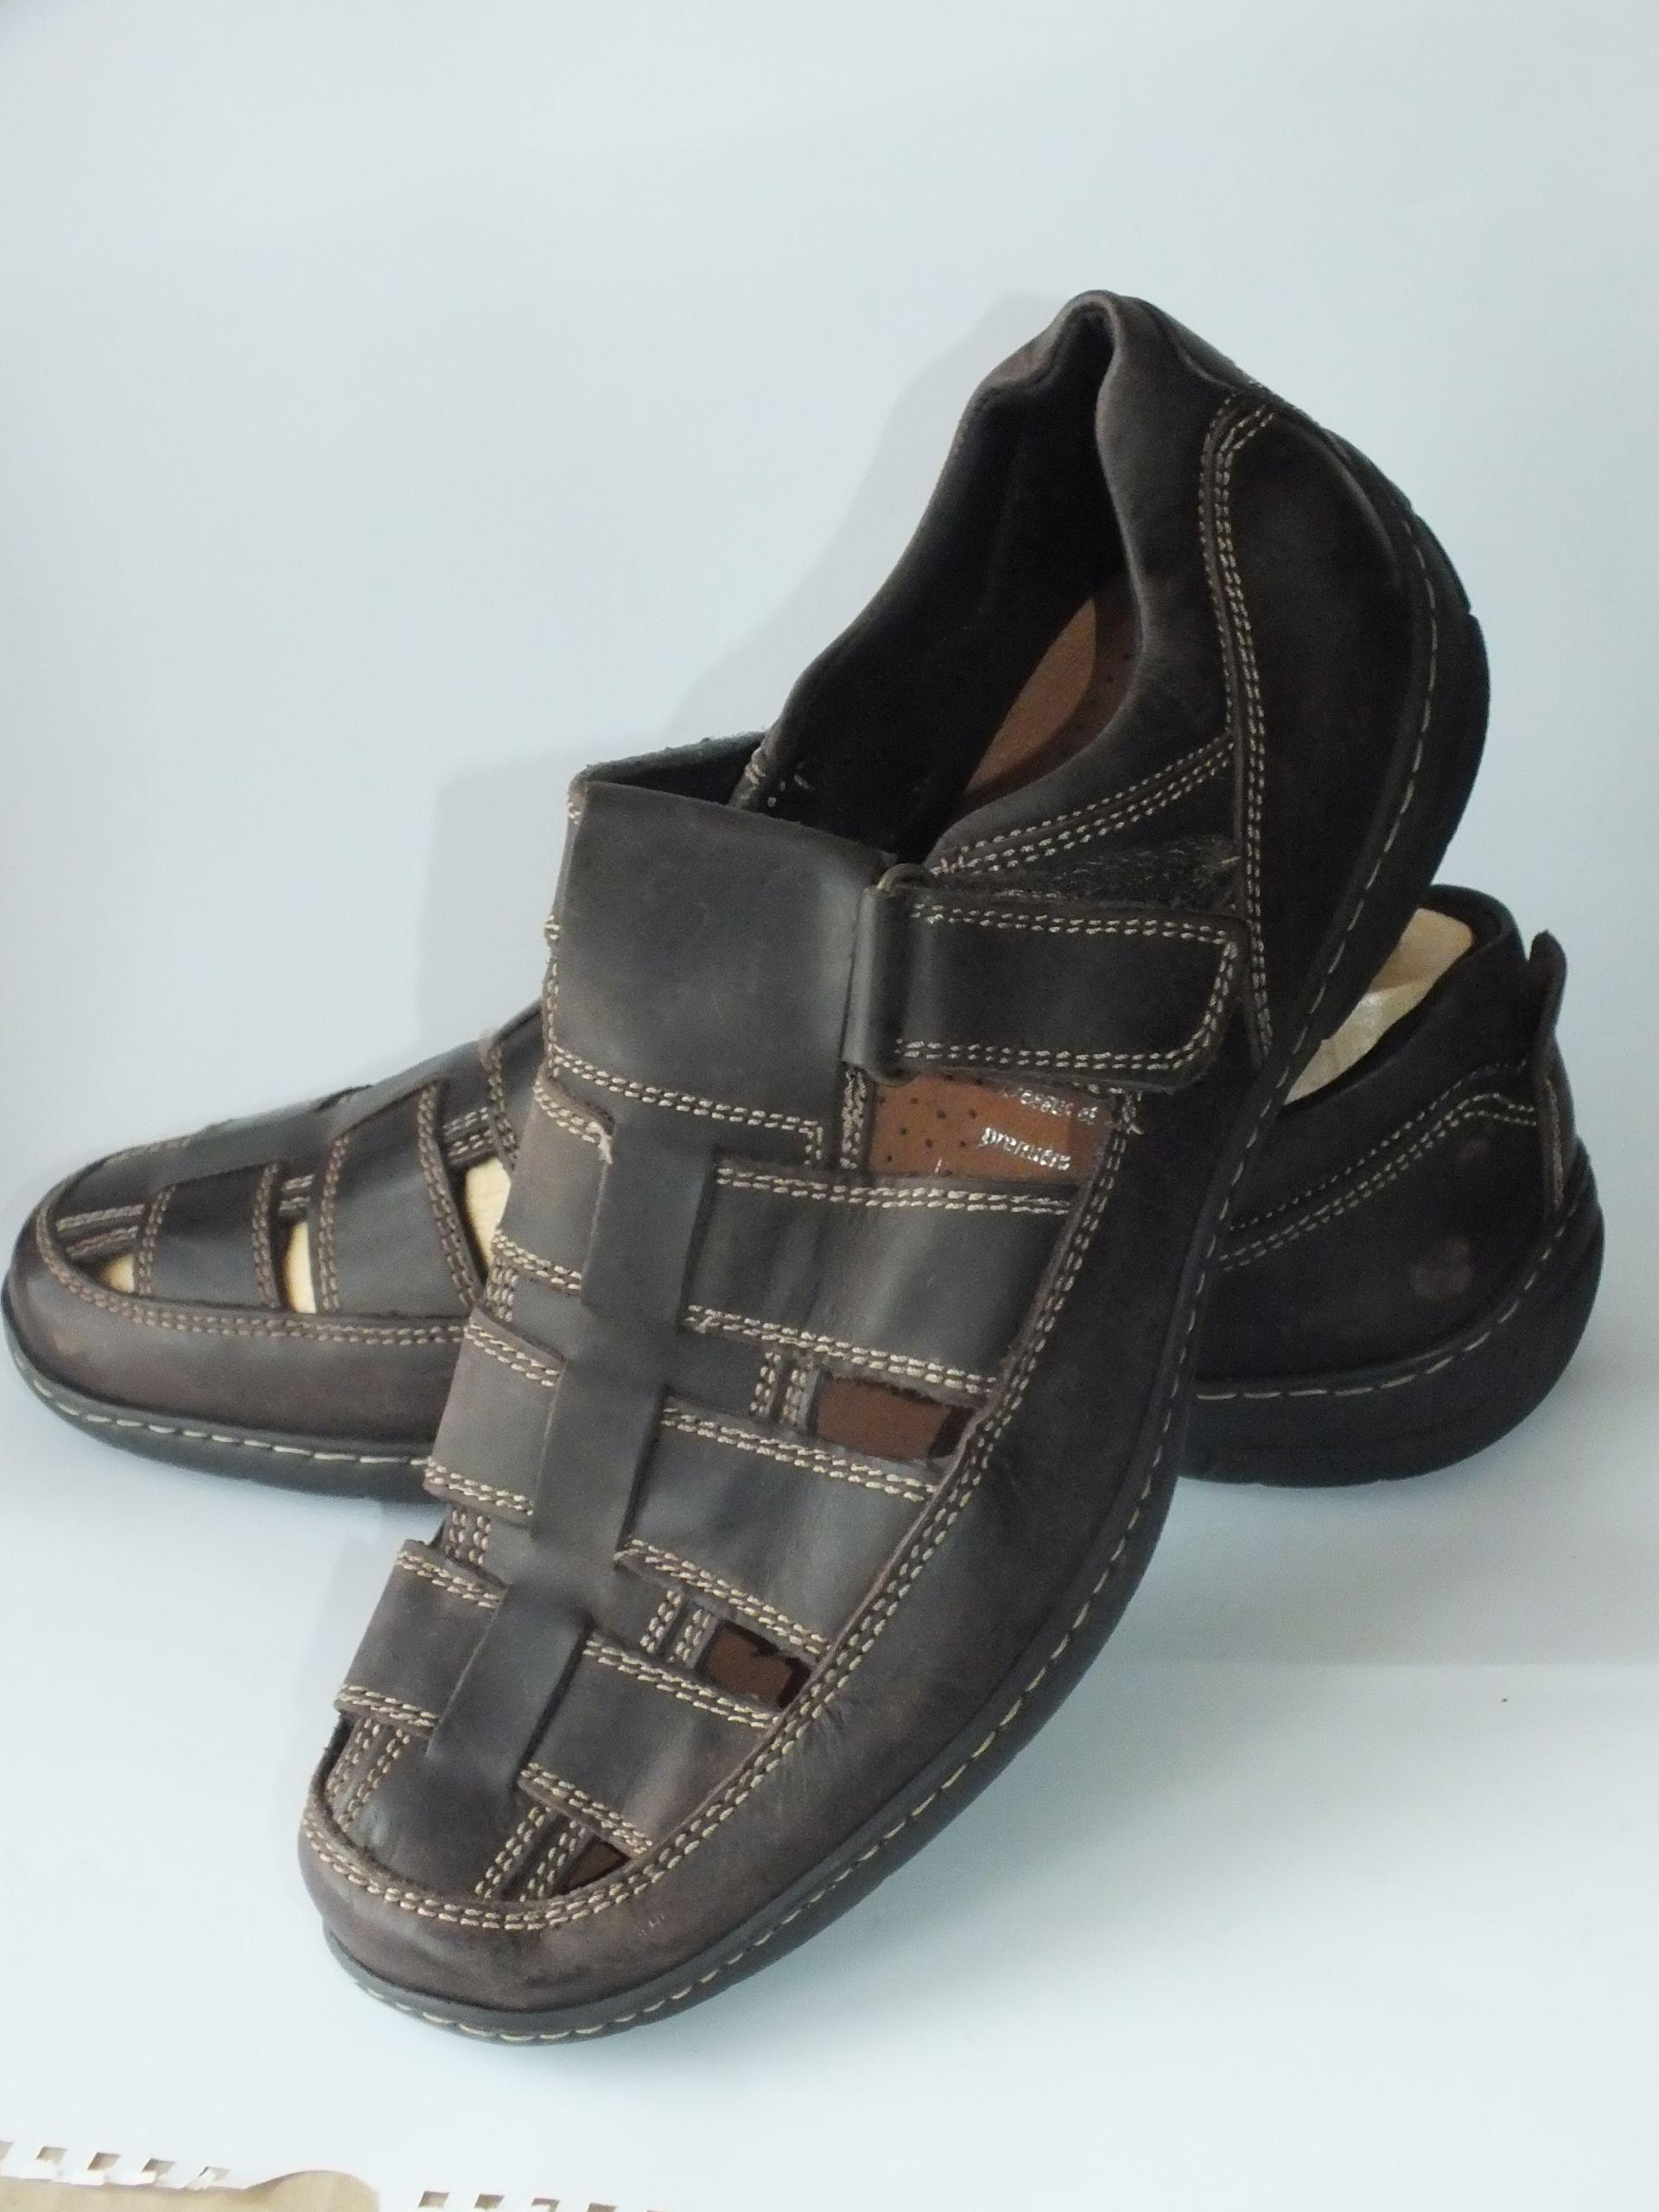 20aeba44 Sandały półbuty sportowe skórzane WEINBRENNER r 43 7047402351 - Allegro.pl